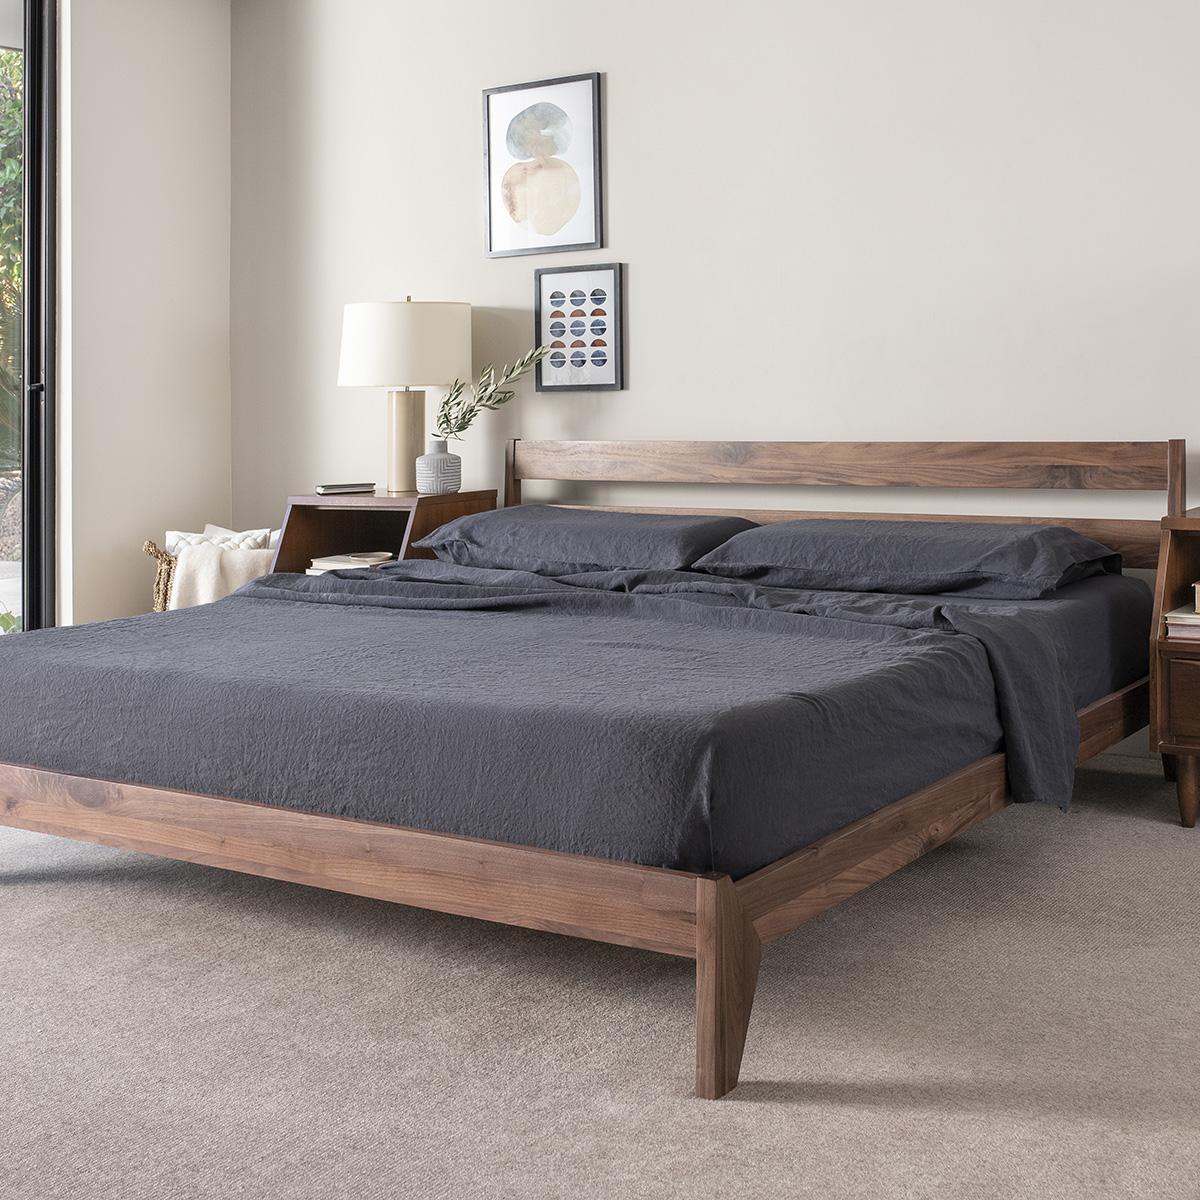 Giường ngủ gỗ óc chó thời thượng